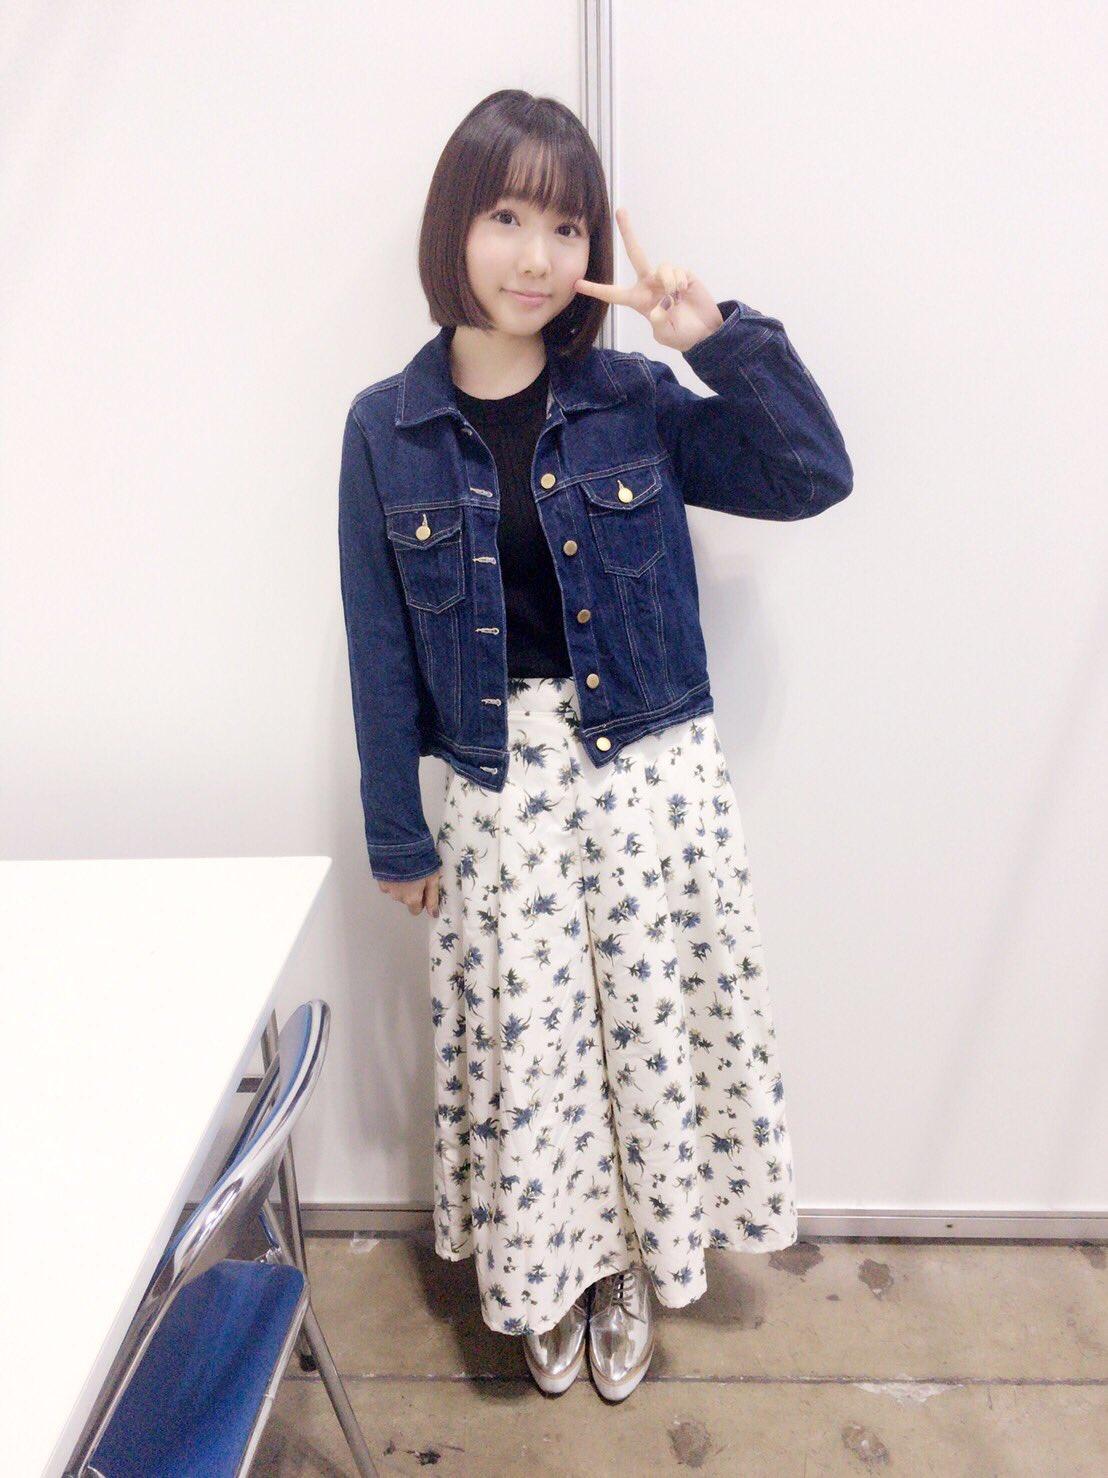 성우 키도 이부키의 사진, AnimeJapan2017에서